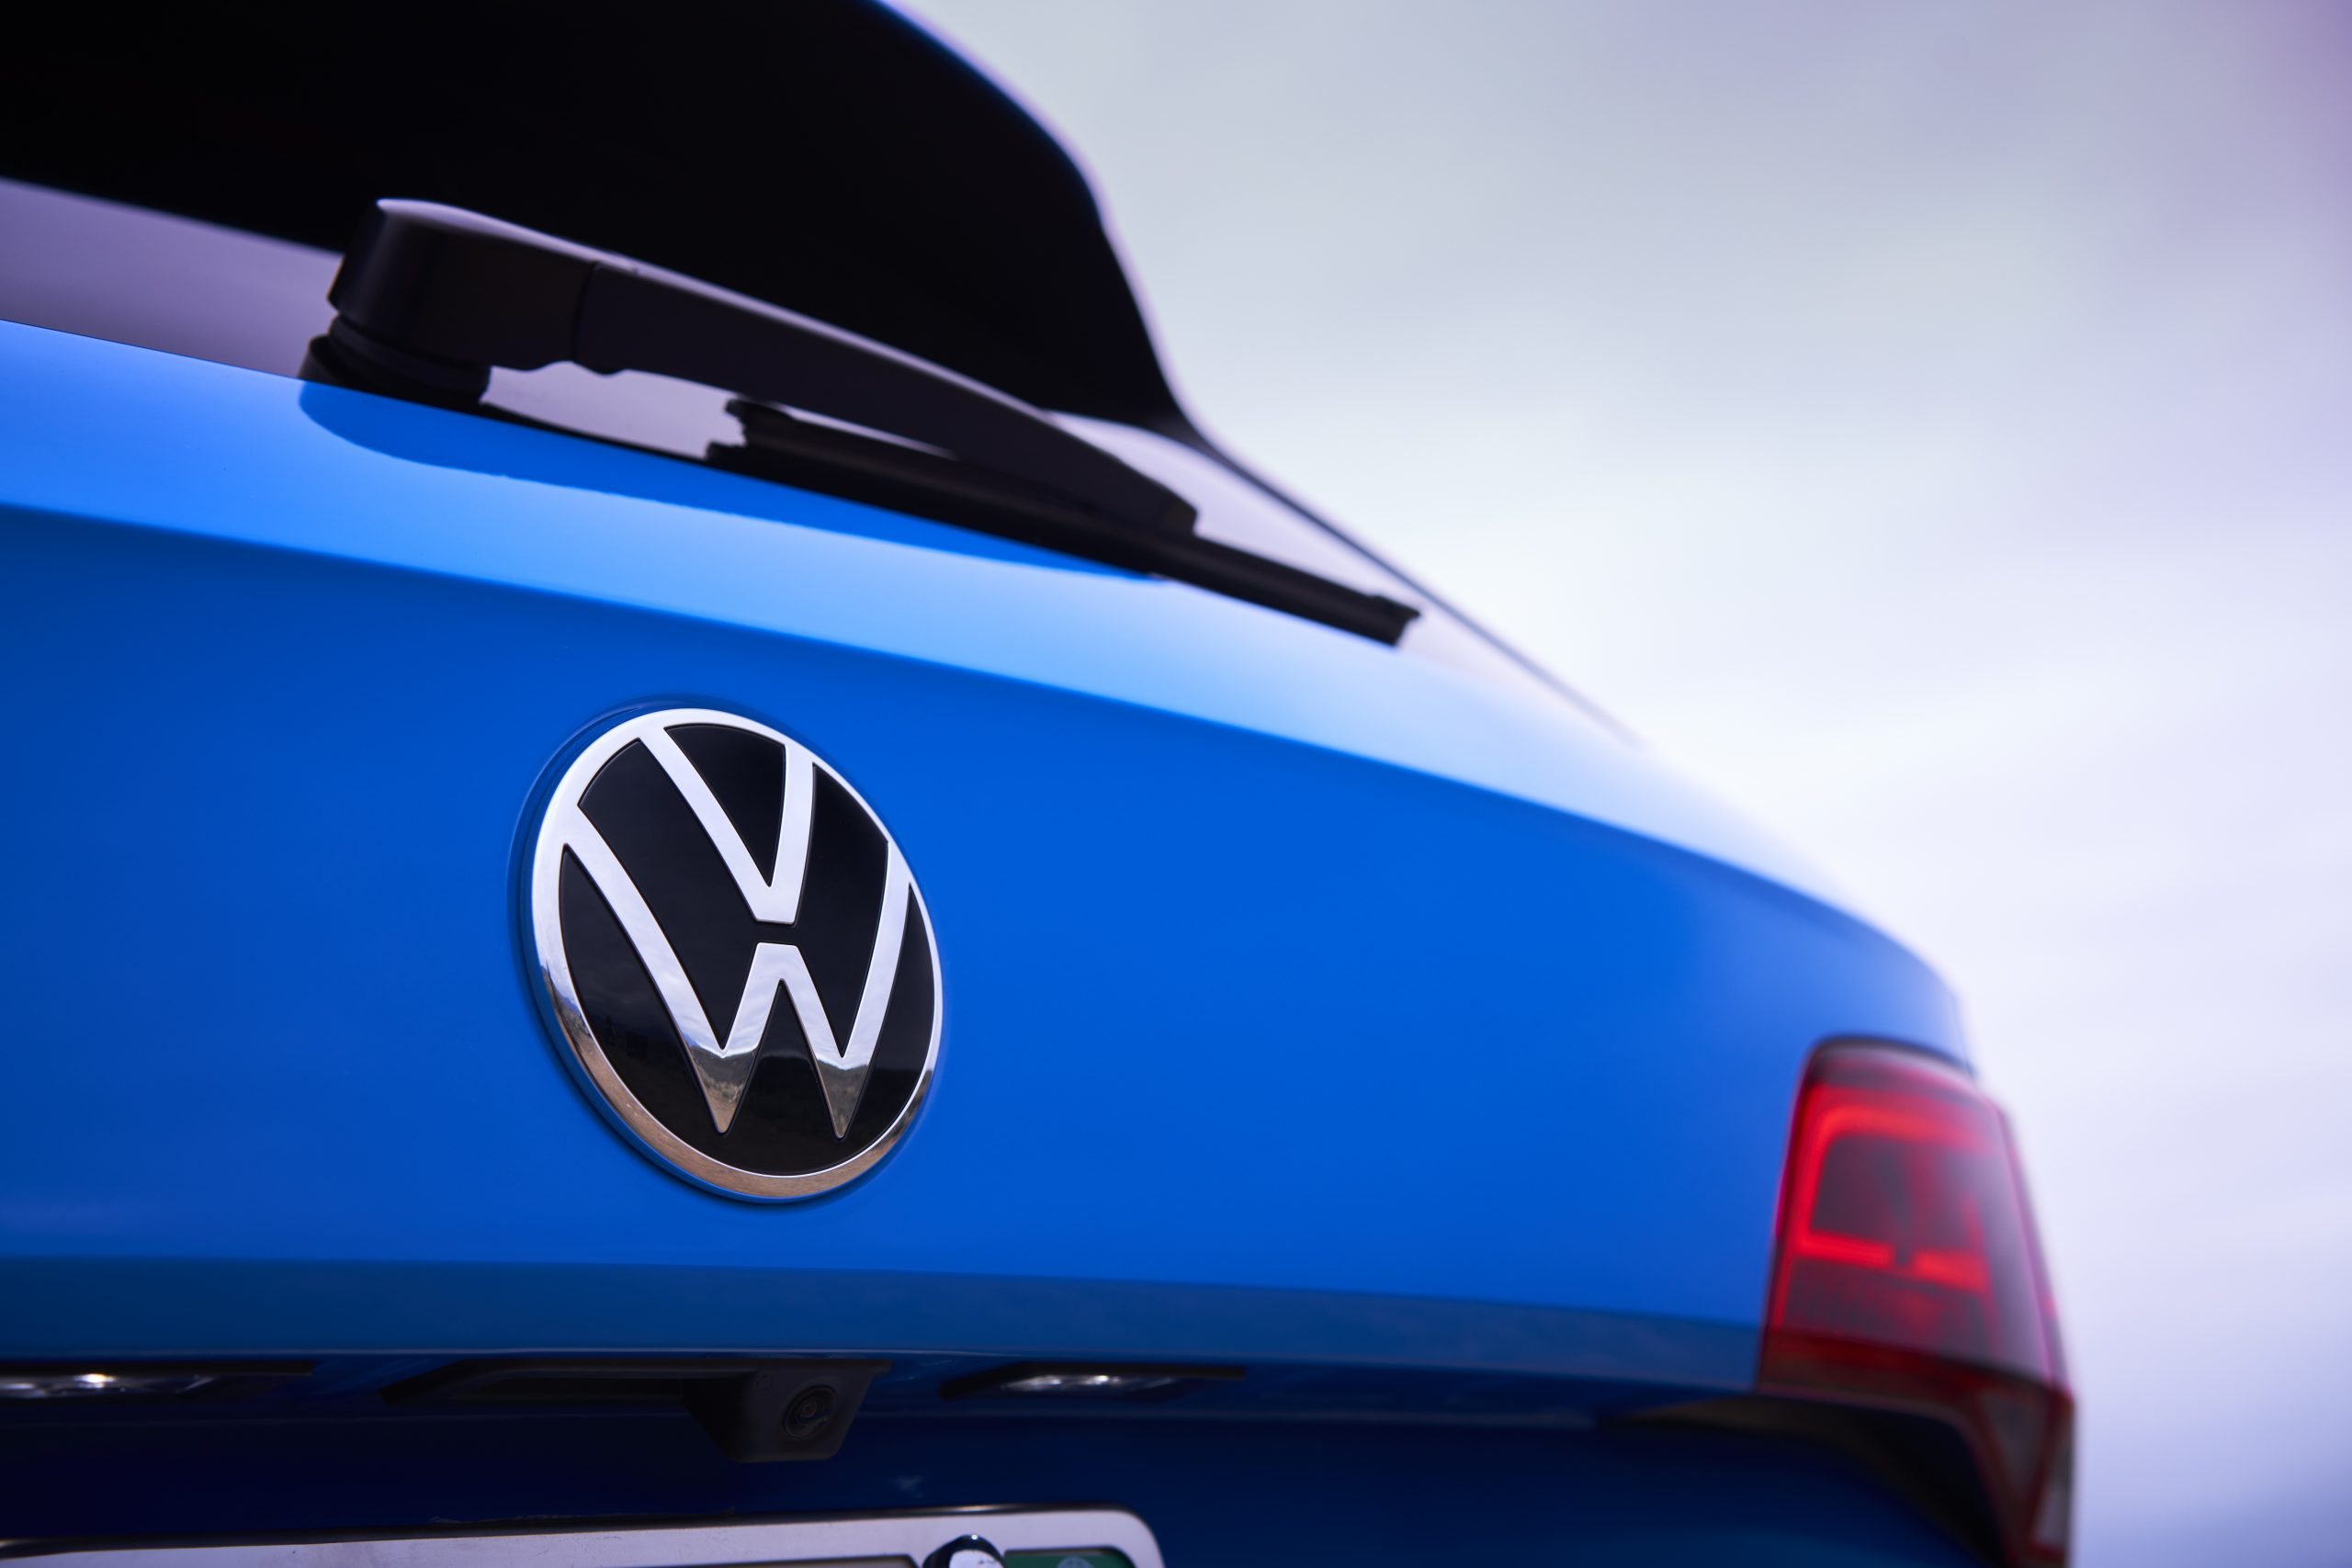 2022 Volkswagen Taos rear logo